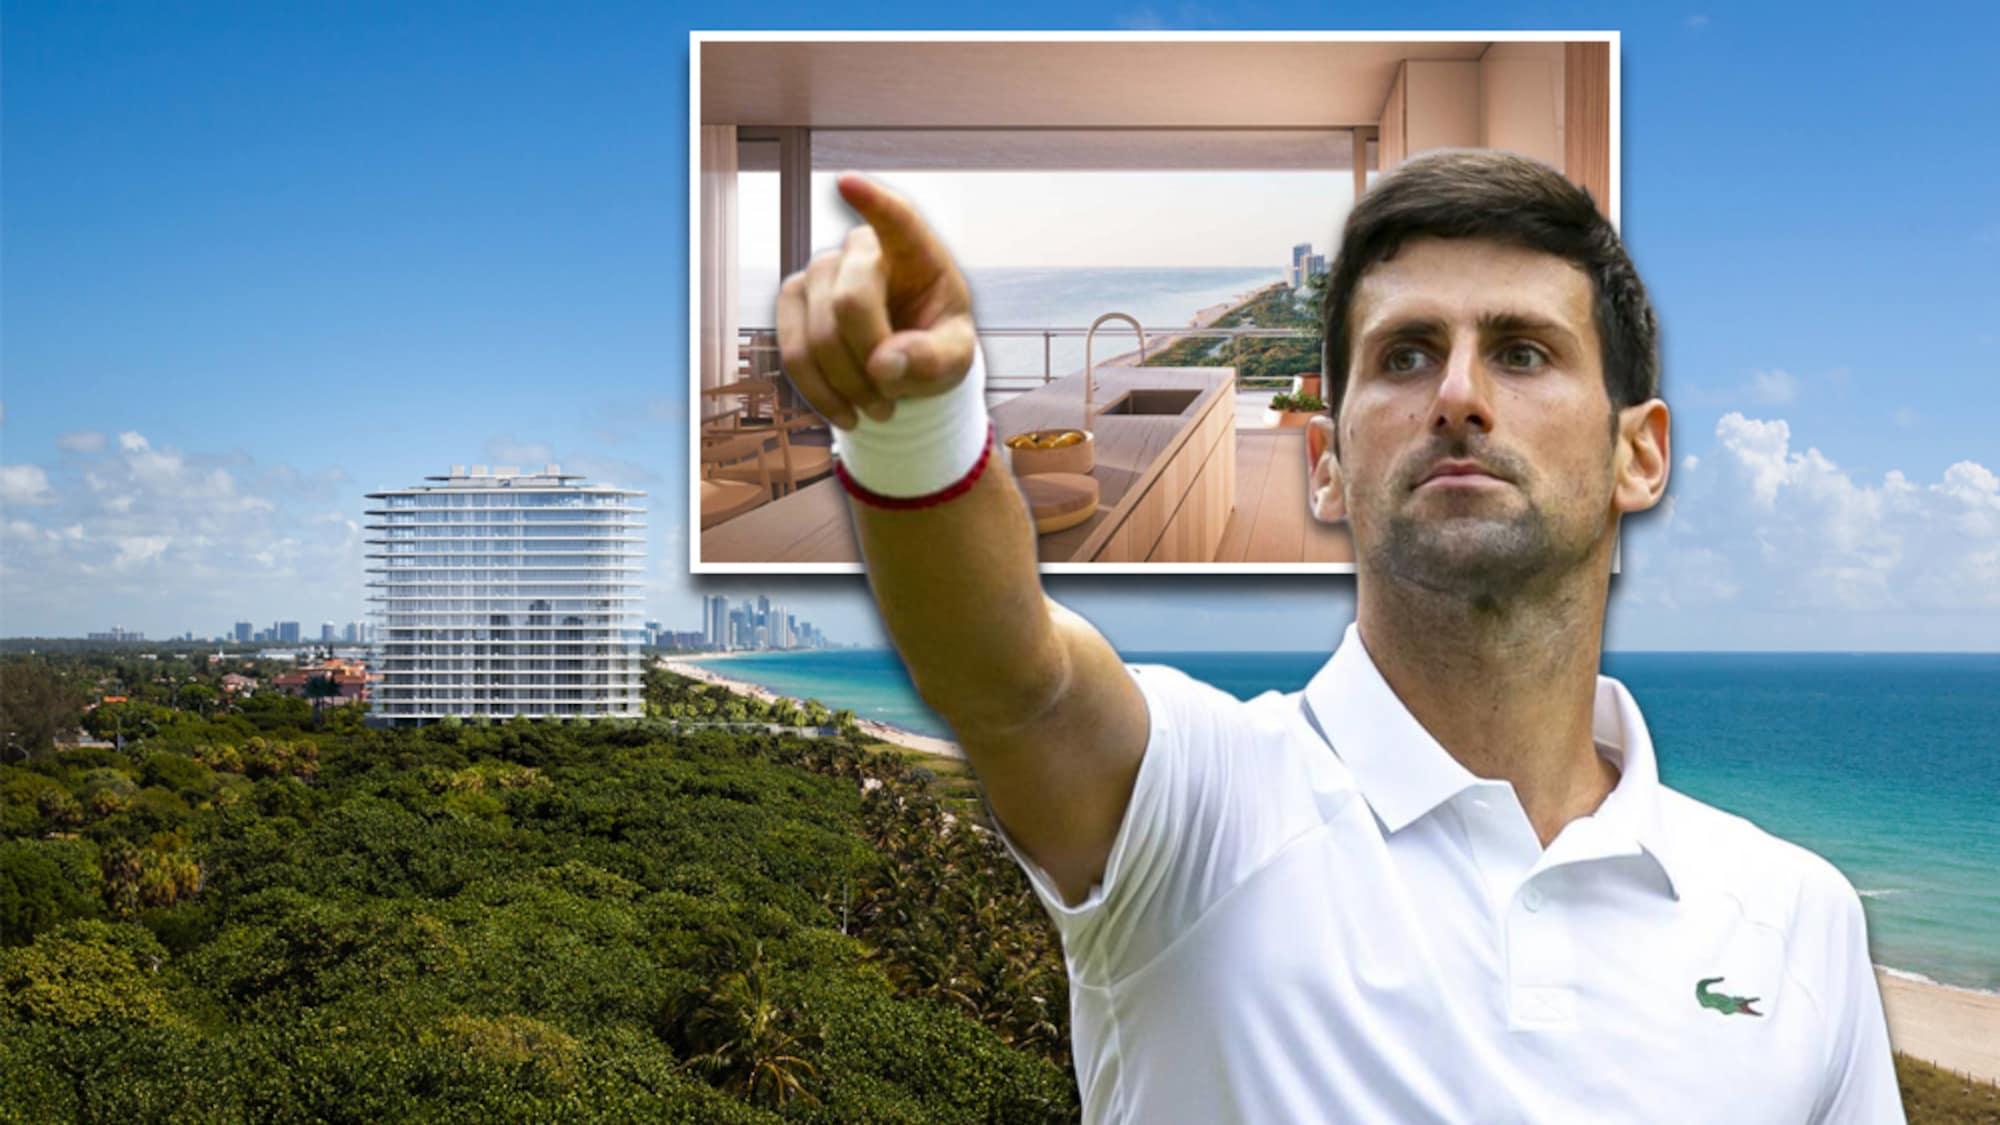 Neue Bleibe für Wimbledon-Champion: So luxuriös wohnt Djokovic in Miami